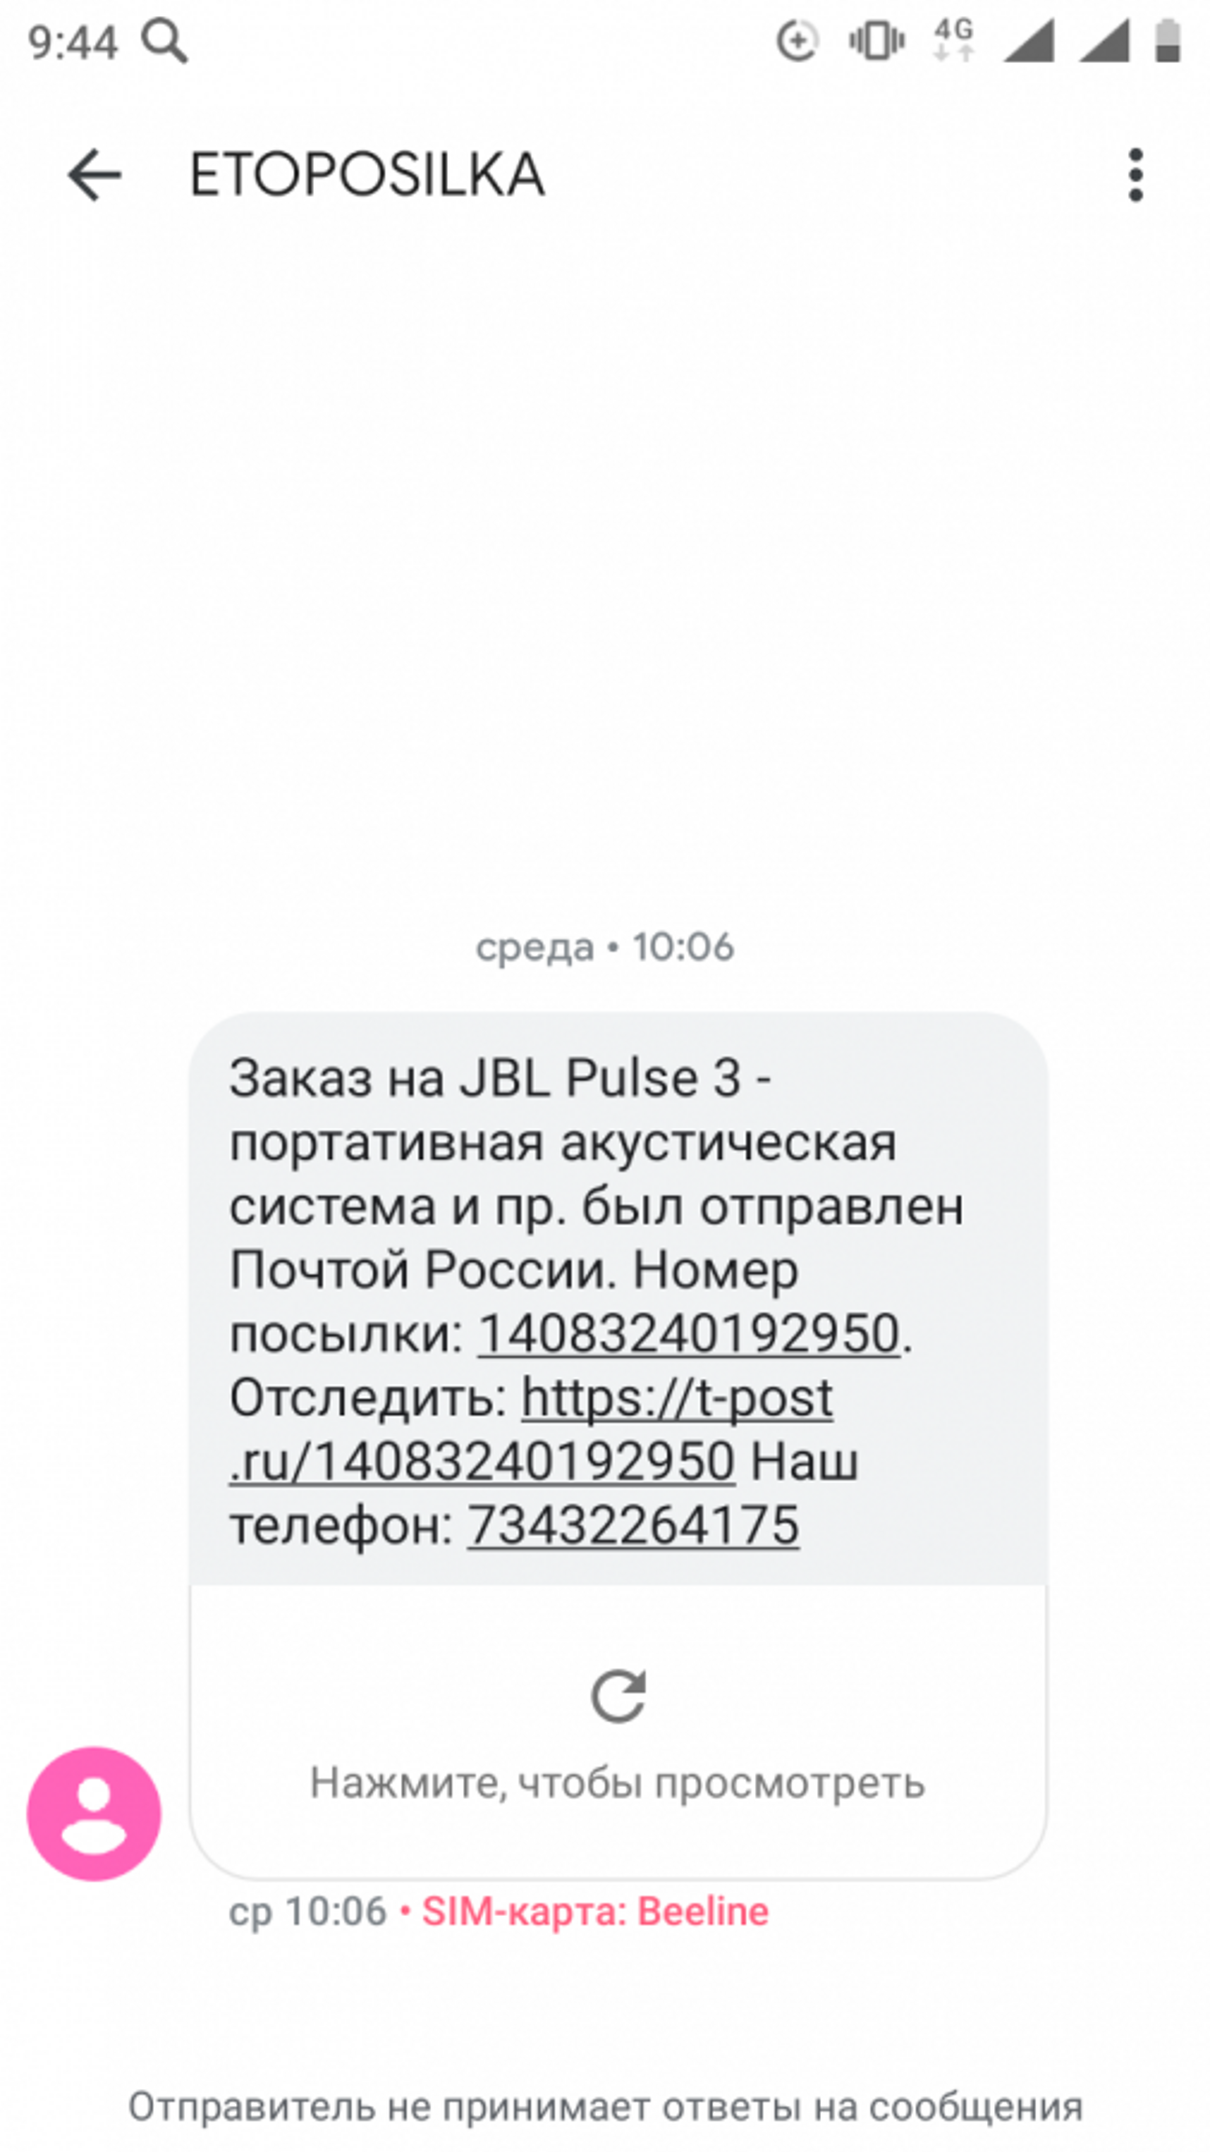 Жалоба-отзыв: Buy.everything@mail.ru - Прошу вернуть деньги